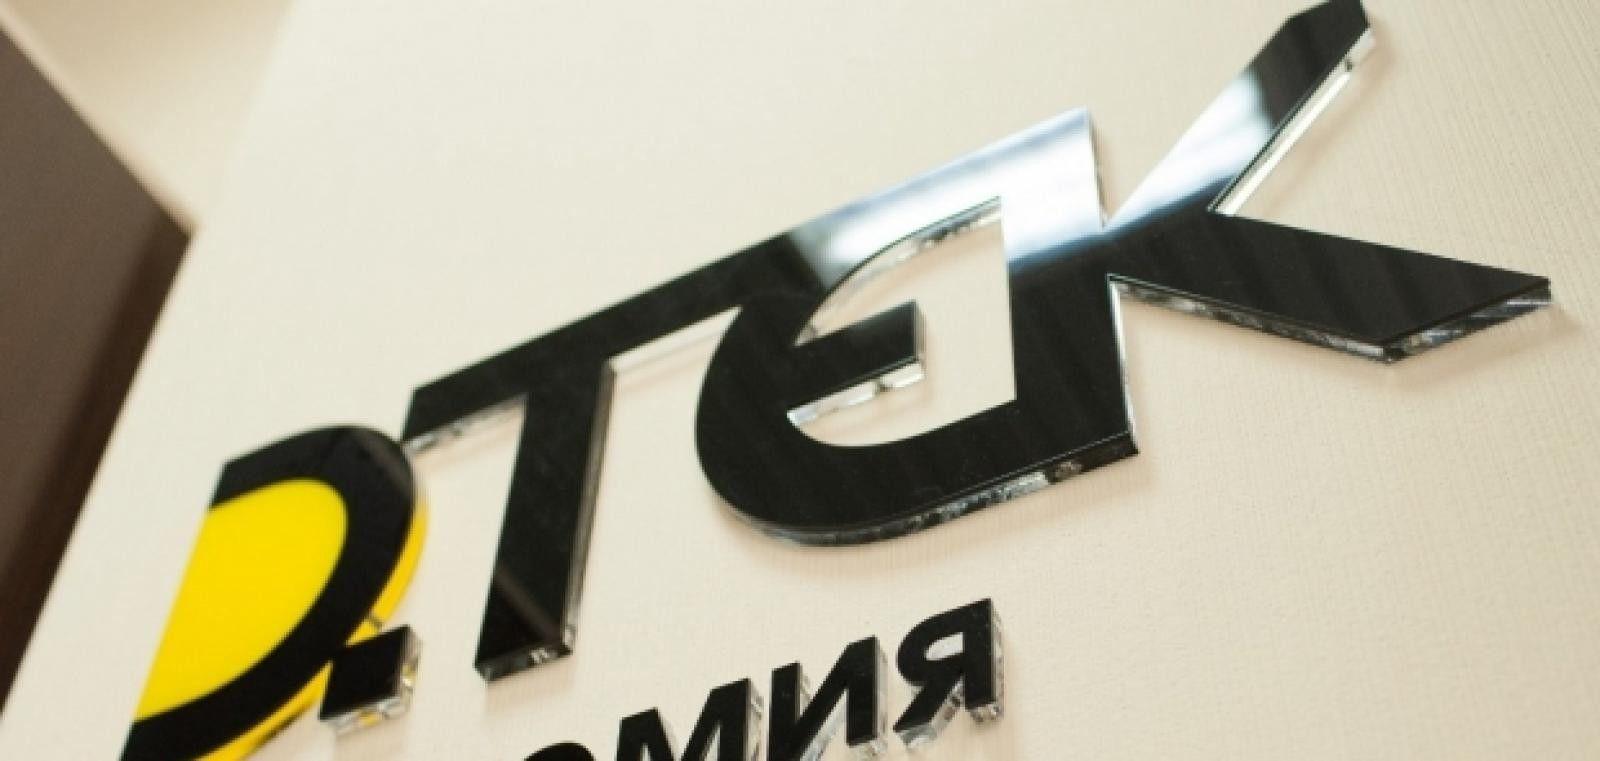 ДТЭК Энерго заплатил на 10,8% больше налогов – 11 млрд грн / bykvu.com